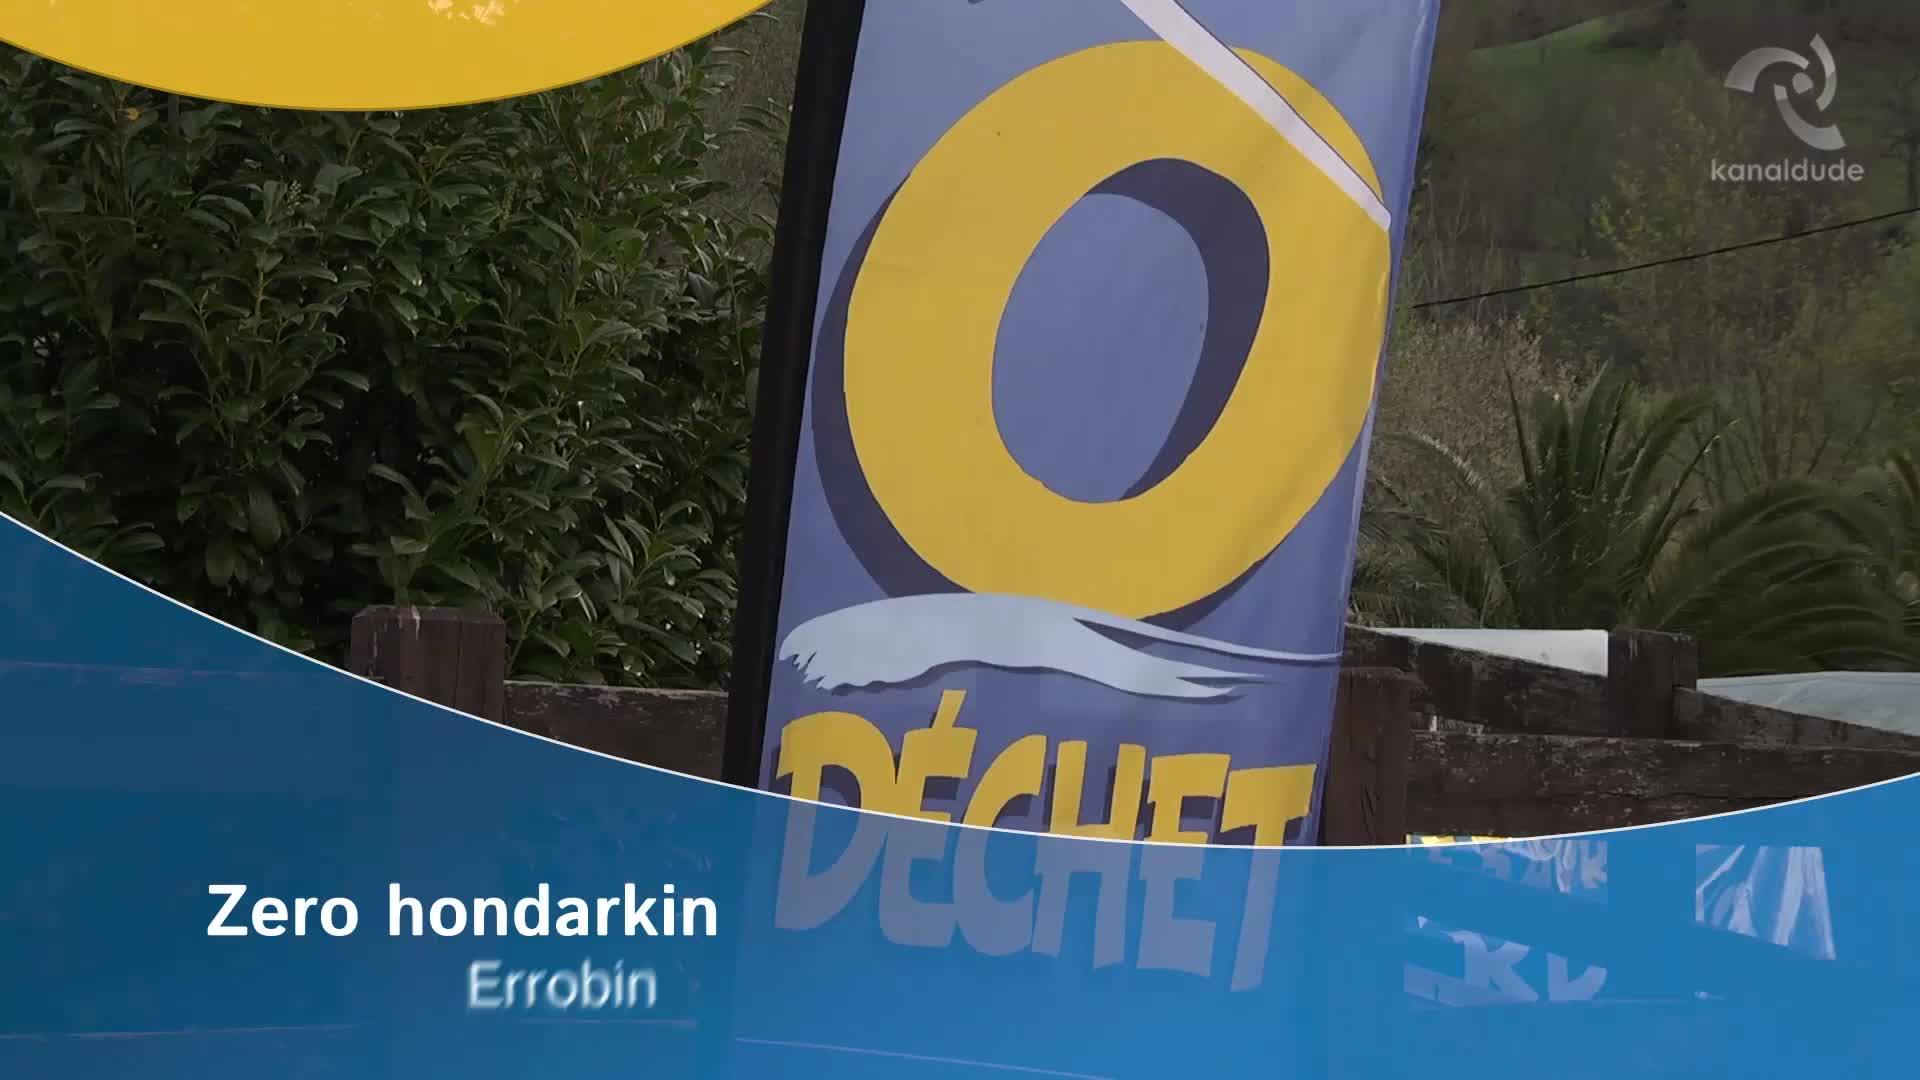 Zero hondarkin Errobin